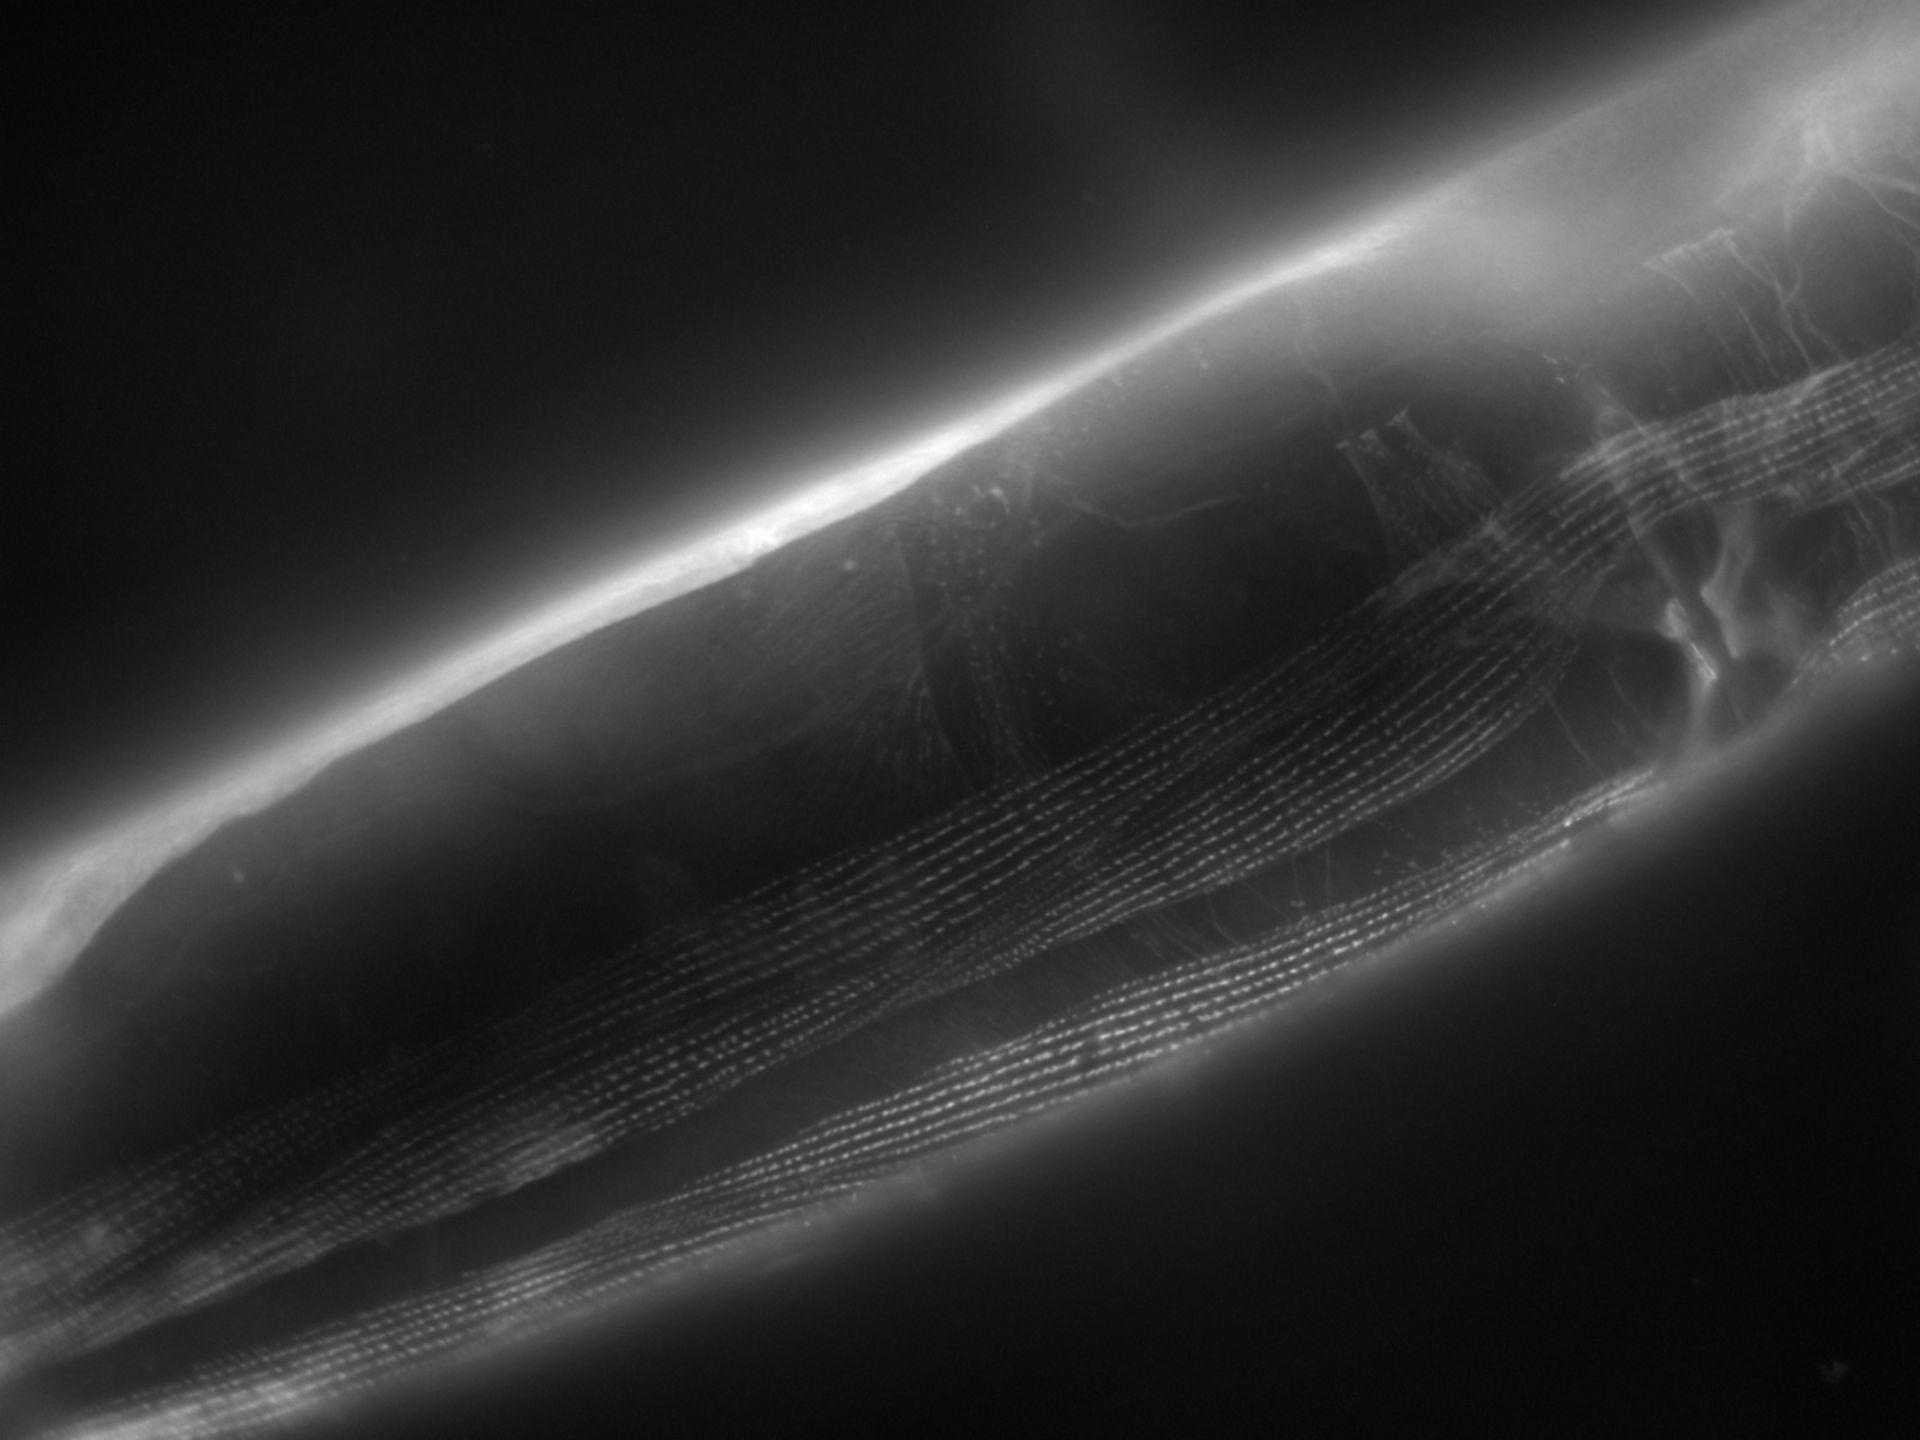 Caenorhabditis elegans (Actin filament) - CIL:1140